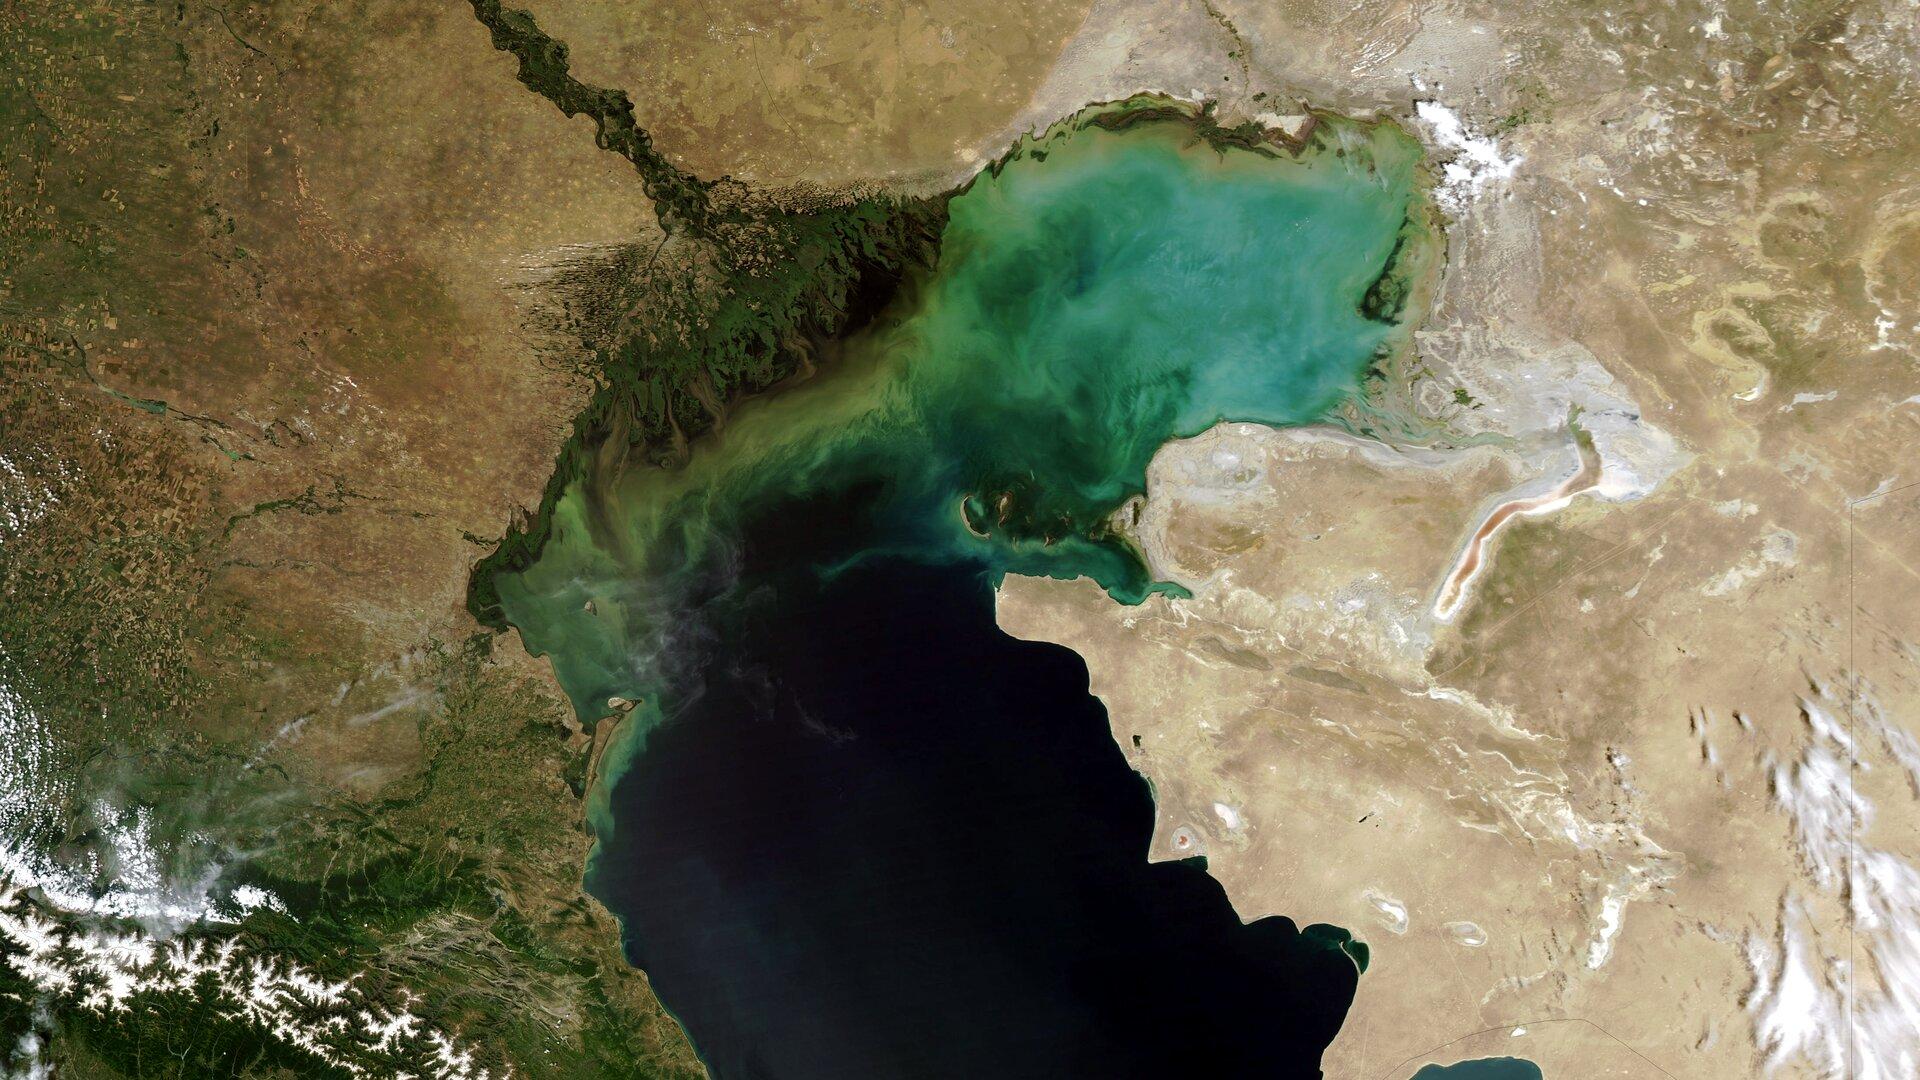 Na zdjęciu lotniczym fragment Morza Kaspijskiego. Ciemnoniebieska toń woda, przy brzegu turkusowa. Lewy brzeg porośnięty roślinnością, prawy brzeg piaszczysty.